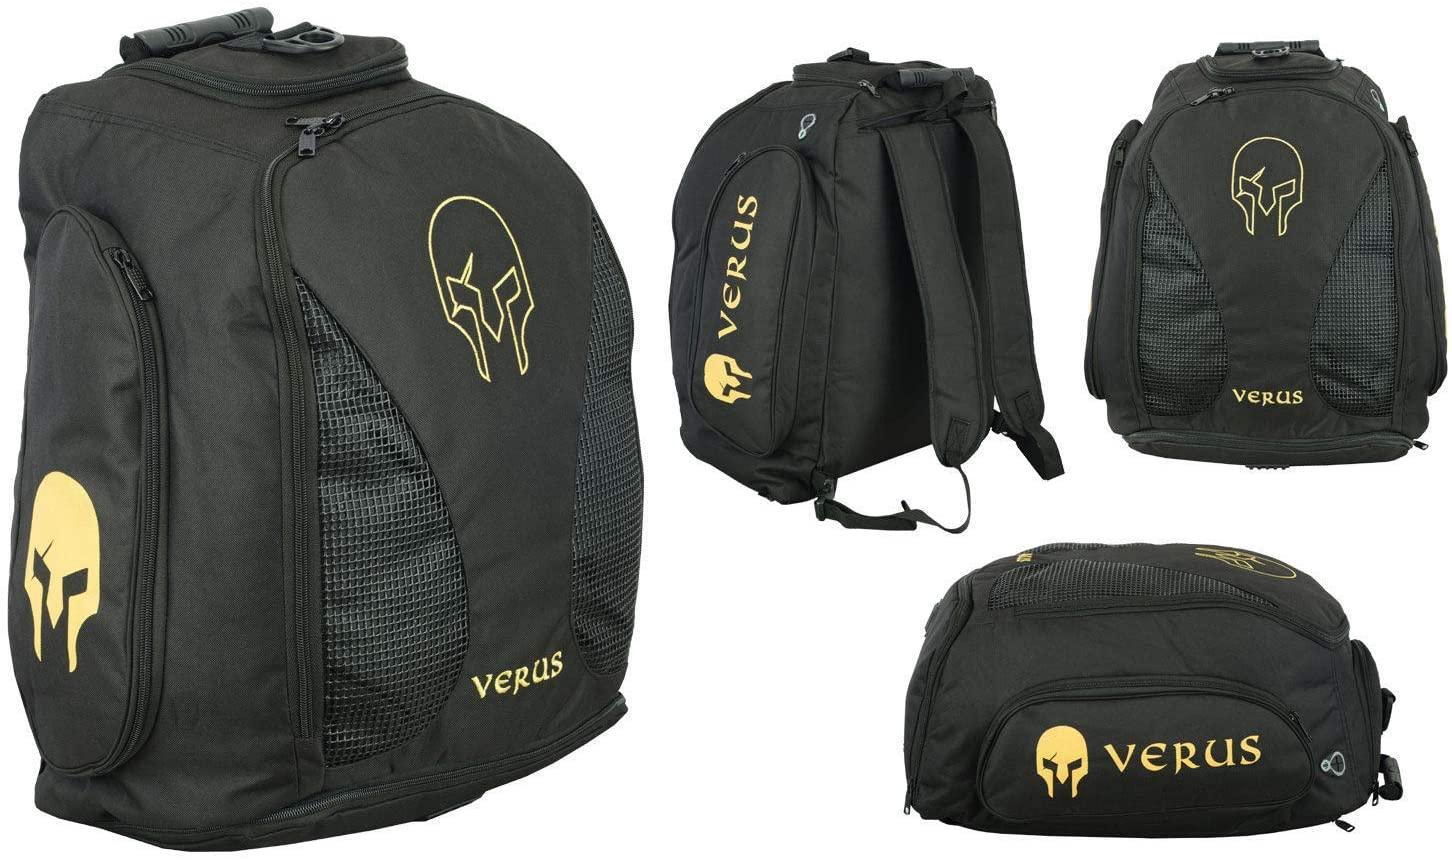 Verus Adjustable Double Shoulder Sports Carry Gym Backpack (Gold/Black)